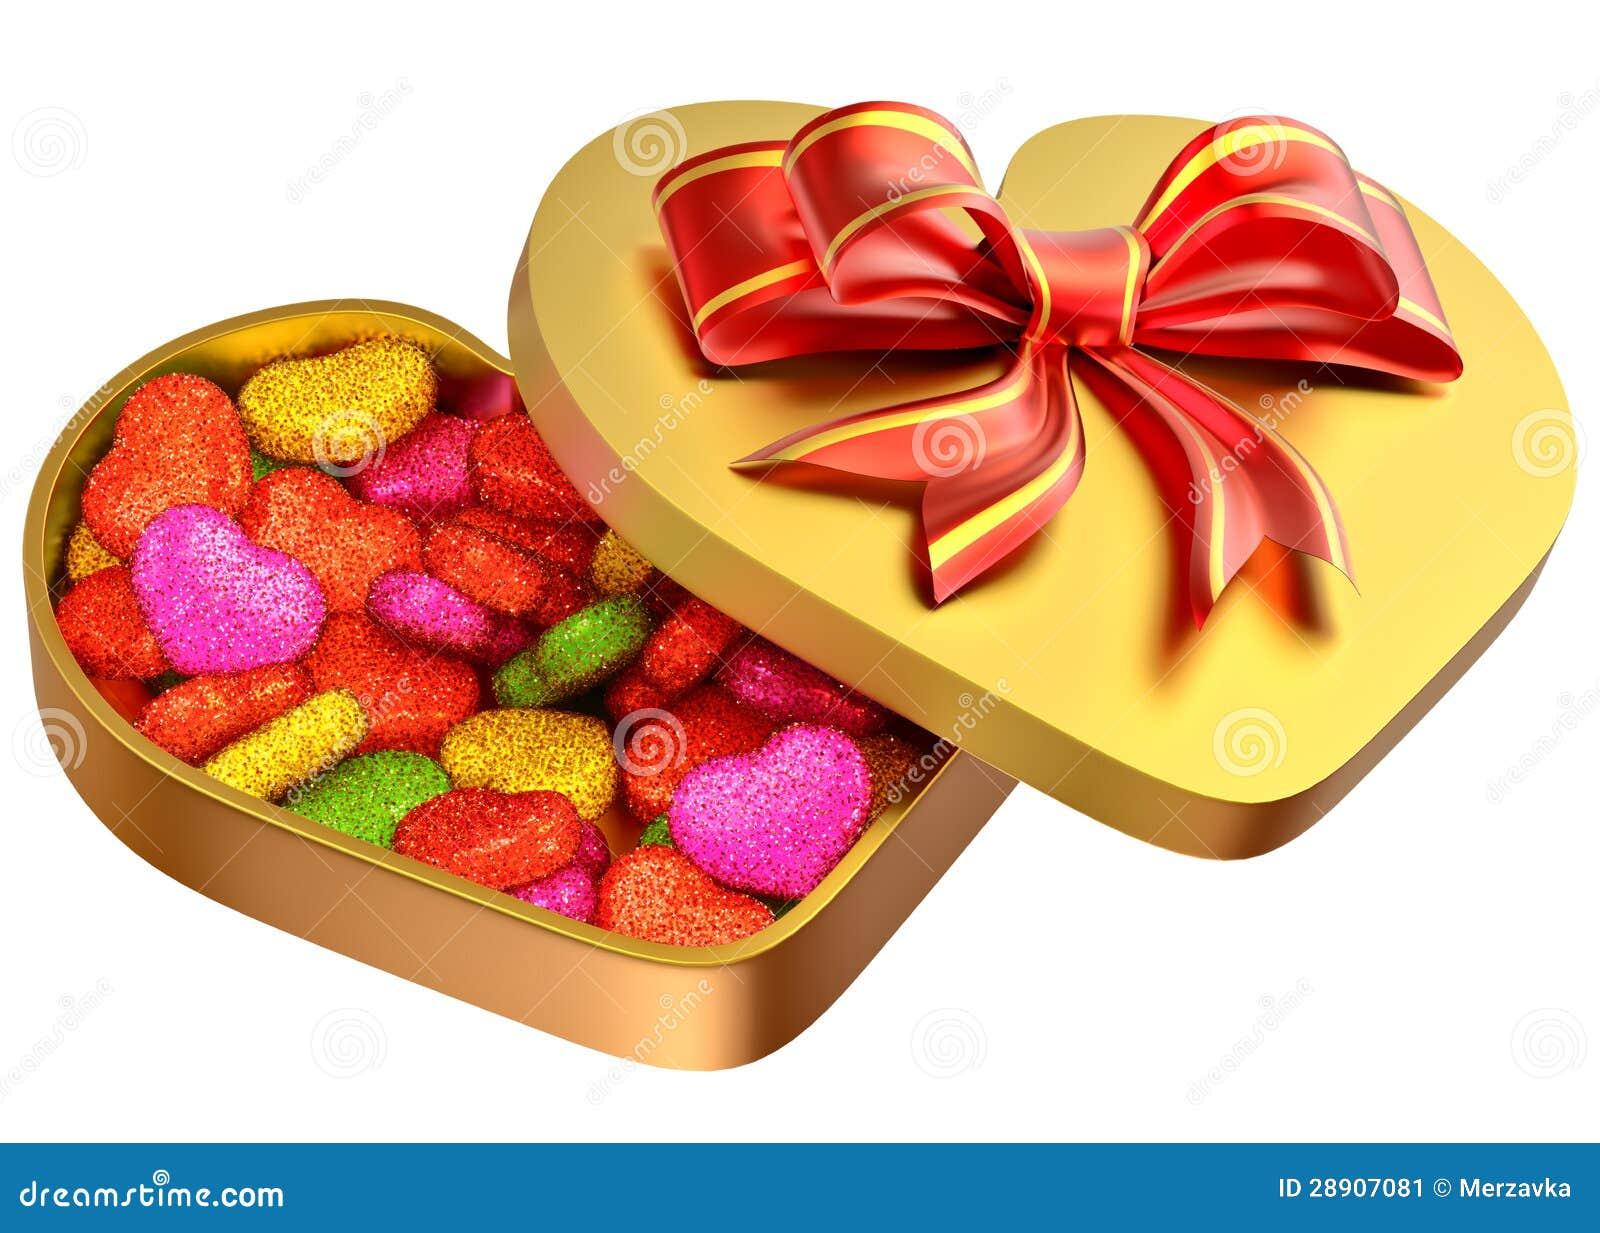 sucrerie dans un cadre comme cadeau pour la saint valentin image stock image 28907081. Black Bedroom Furniture Sets. Home Design Ideas